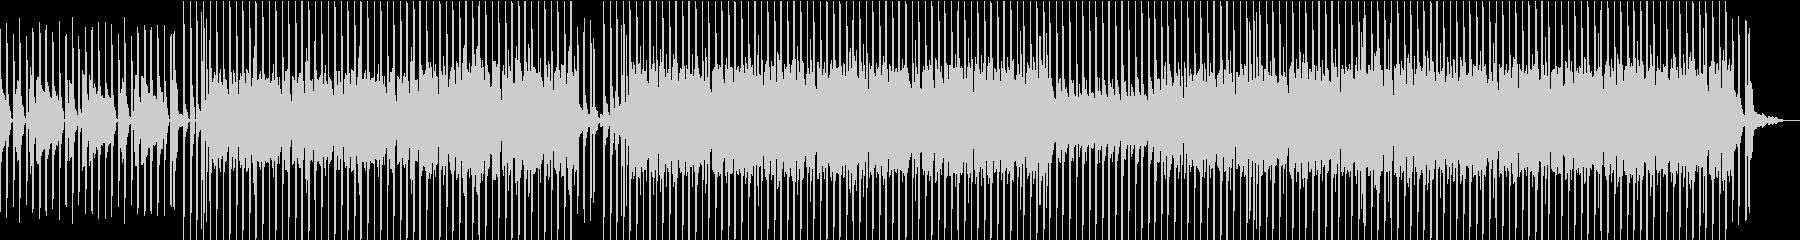 ホリデー/バカンスの雰囲気のある明...の未再生の波形